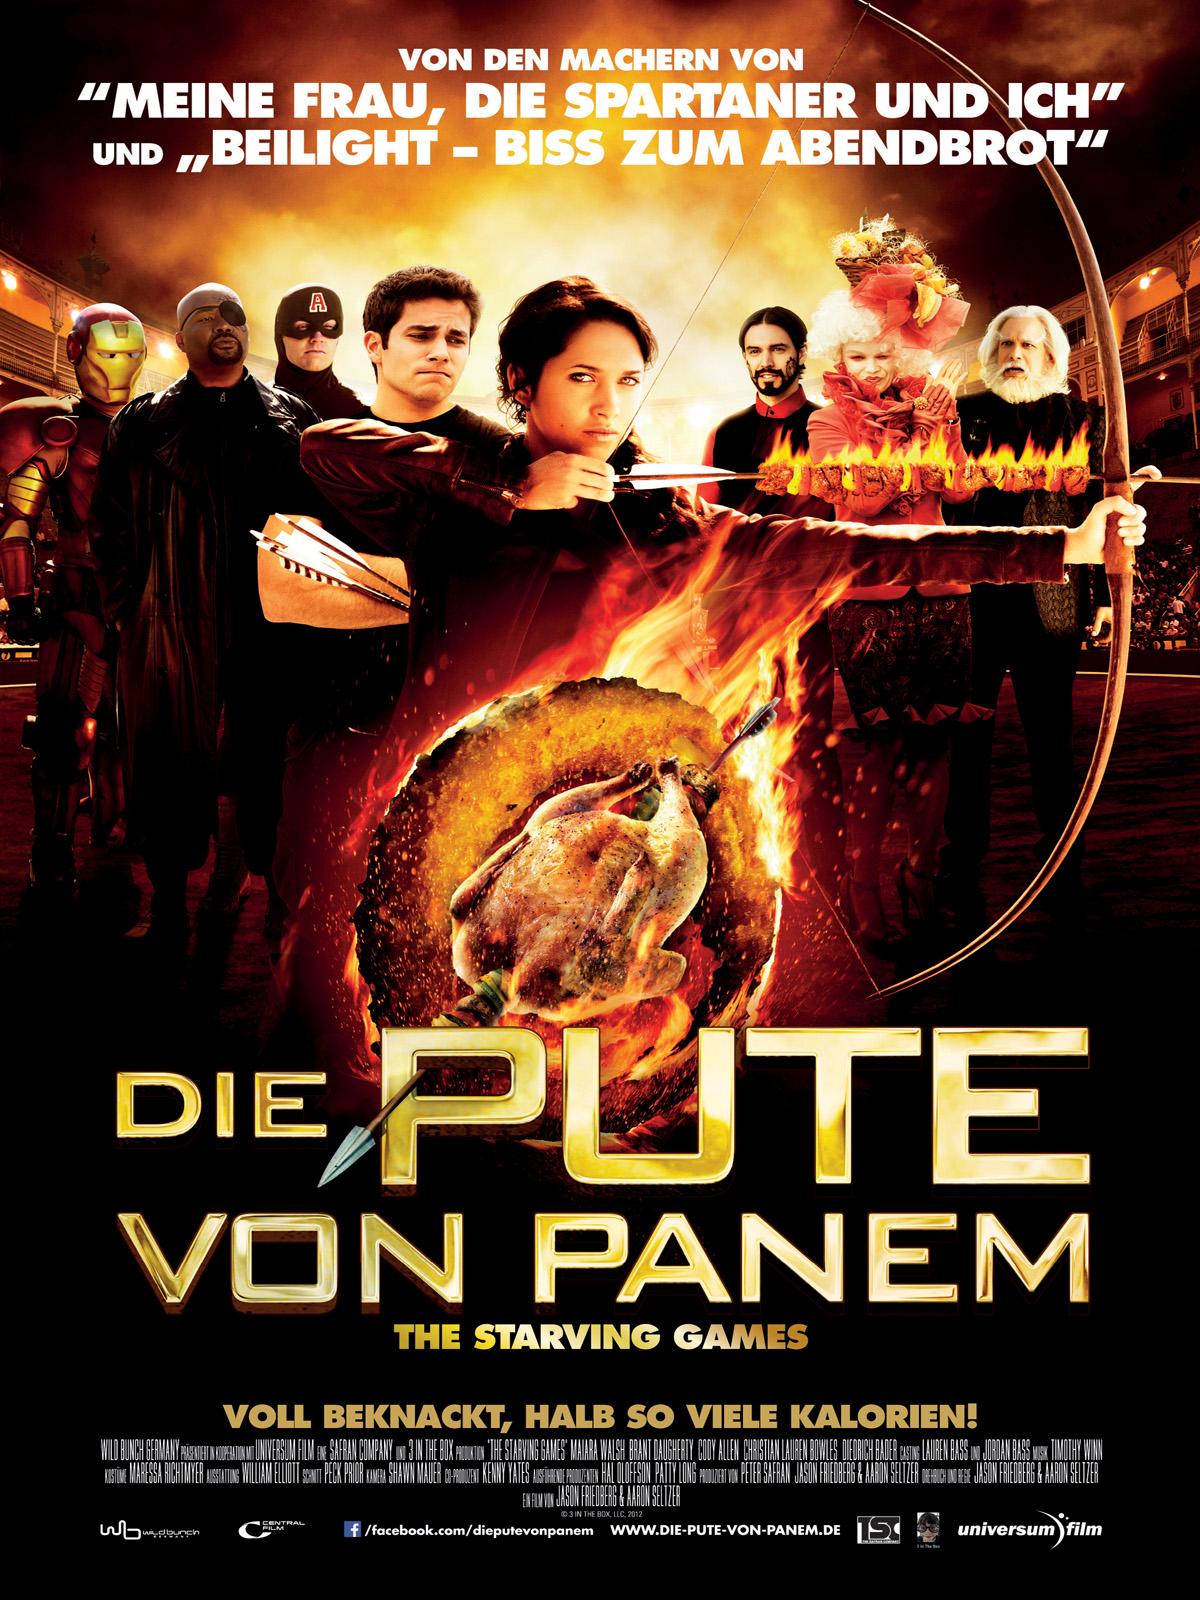 Die Pute Von Panem The Starving Games Film 2013 Filmstarts De